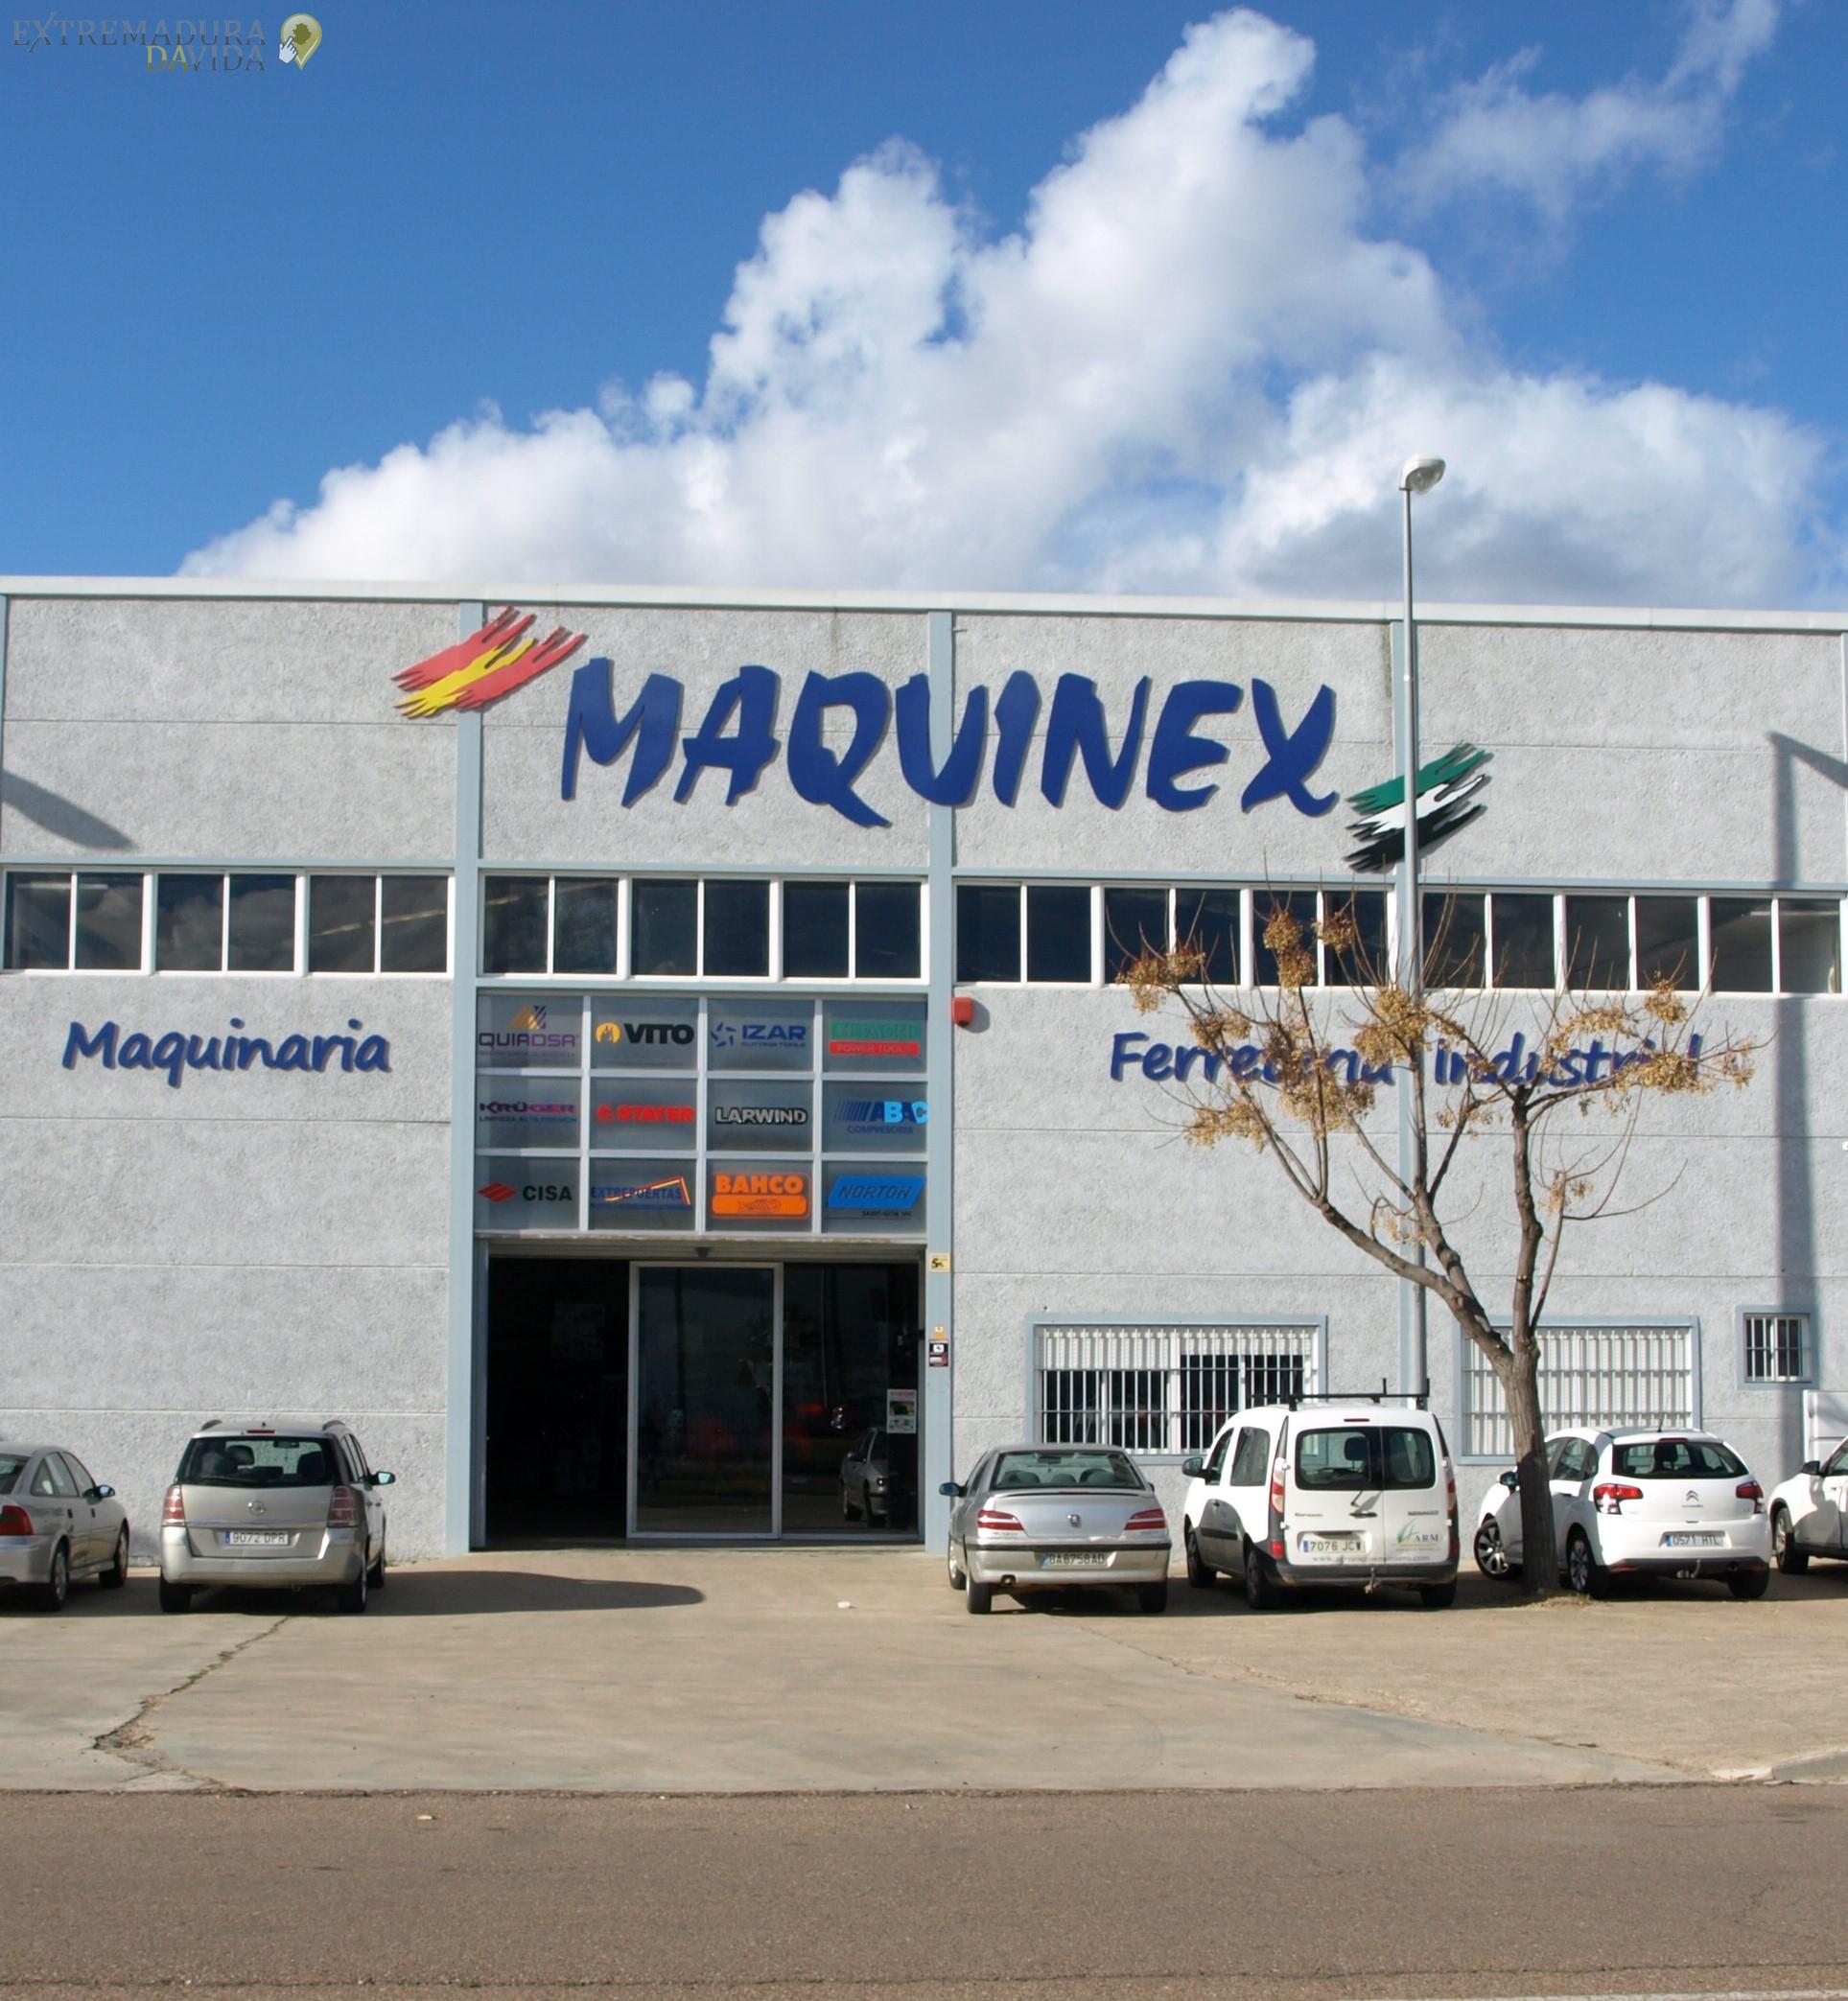 MAQUINEX EUROPA FERRETERIA Y MAQUINARIA - DON BENITO